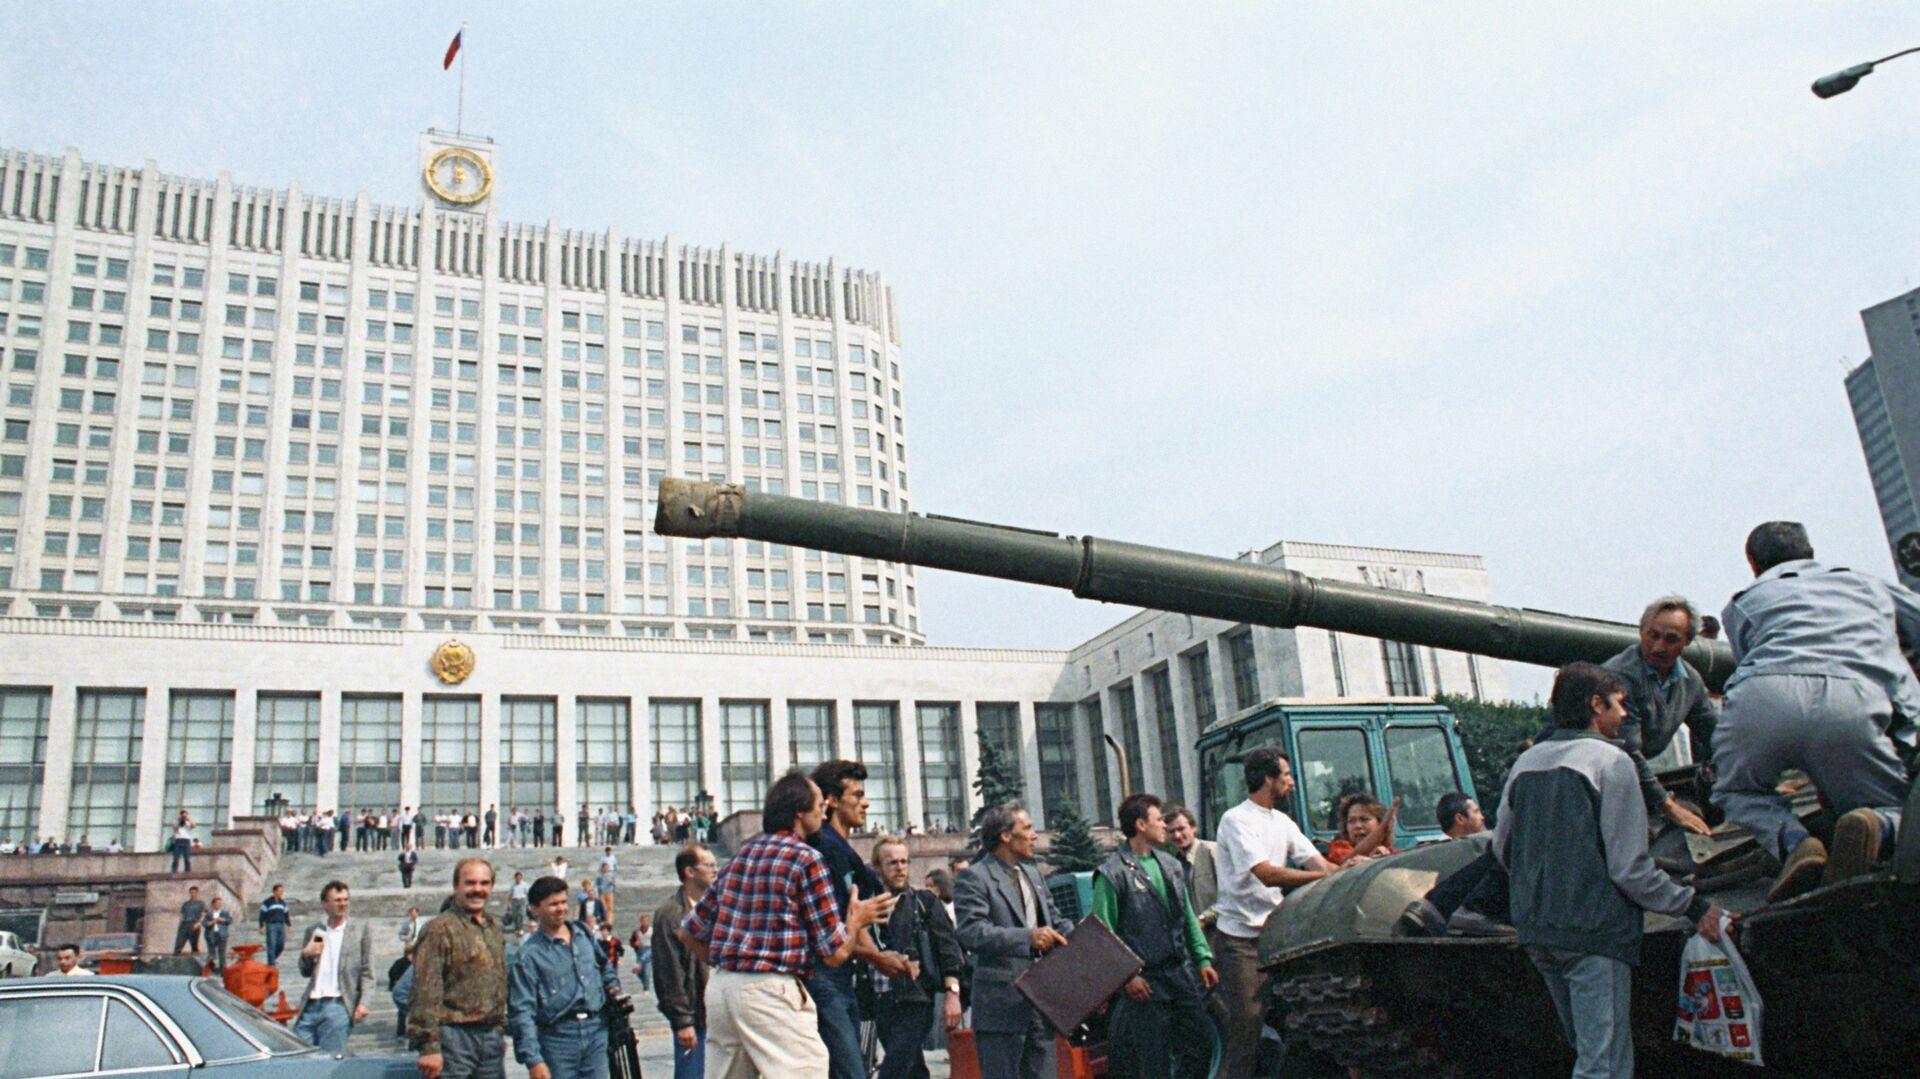 Защитники Белого дома у одного из танков, введеных в Москву 19 августа 1991 года в связи с объявлением членами ГКЧП чрезвычайного положения в столице - РИА Новости, 1920, 17.07.2021